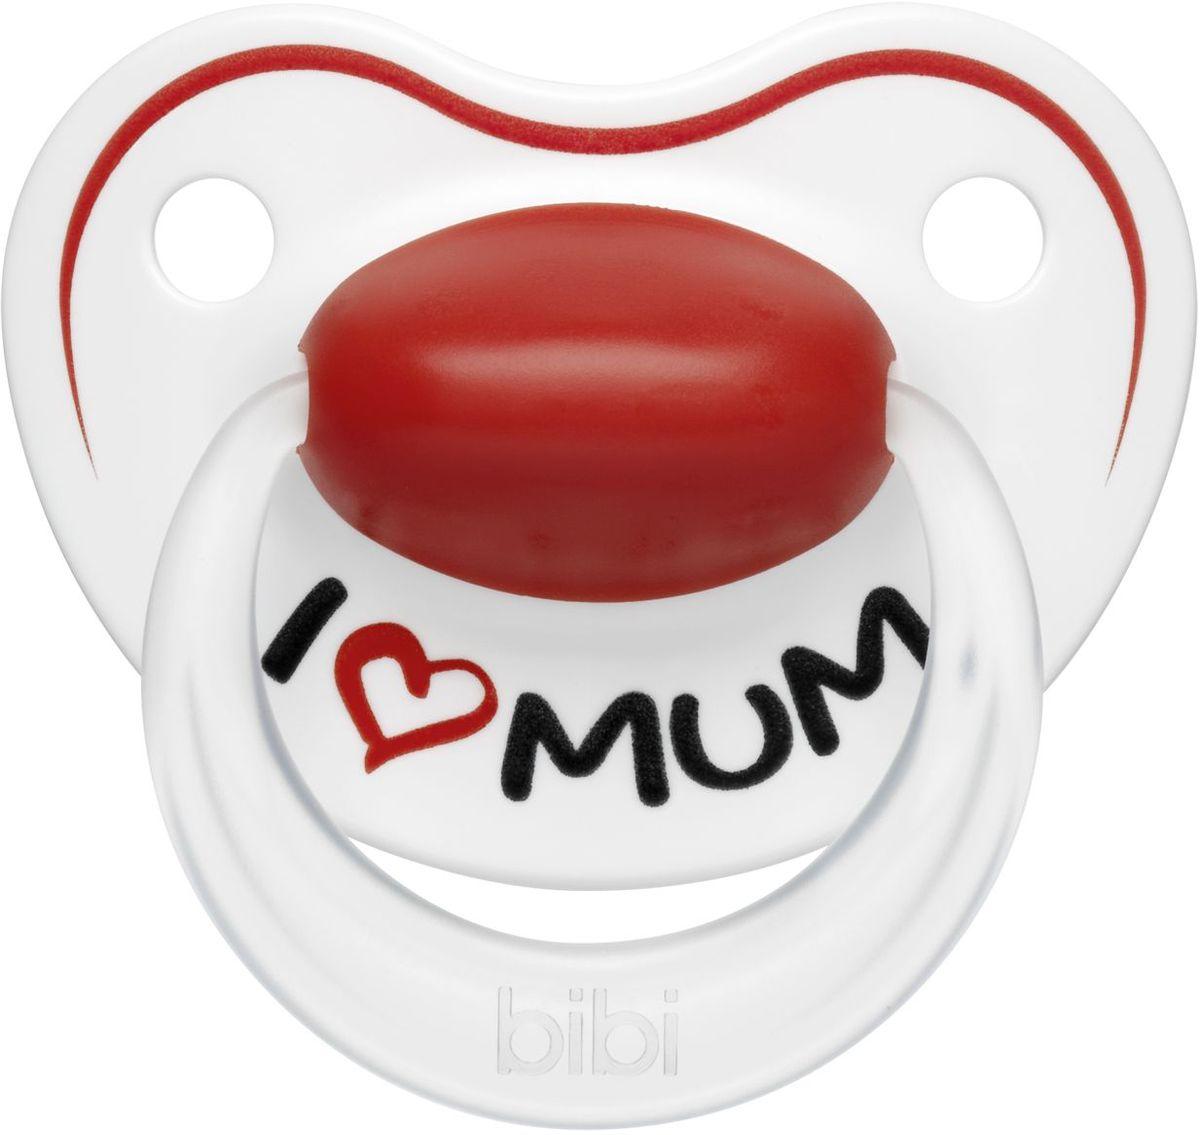 Bibi Пустышка Premium Dental Mum от 0 до 6 месяцев